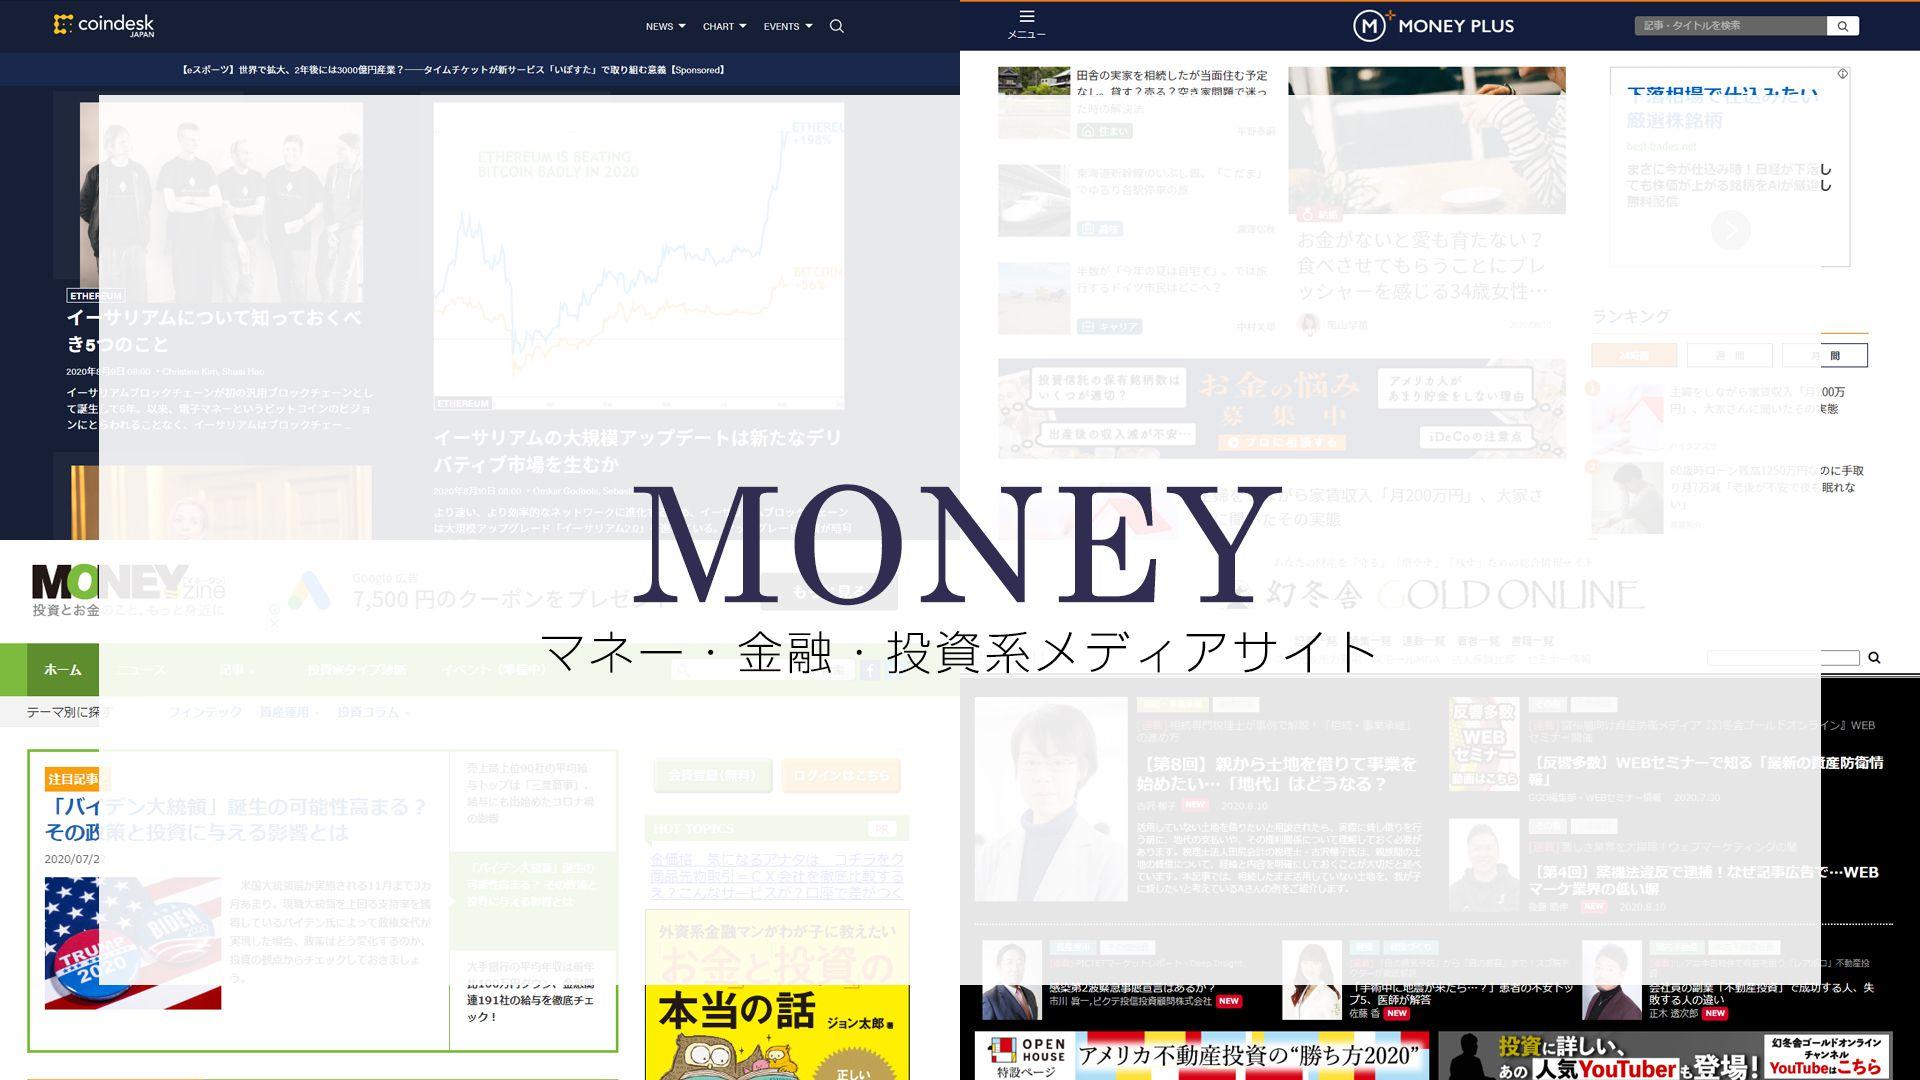 マネー・金融・投資系のメディアサイトを集めました【リンク集|9選】